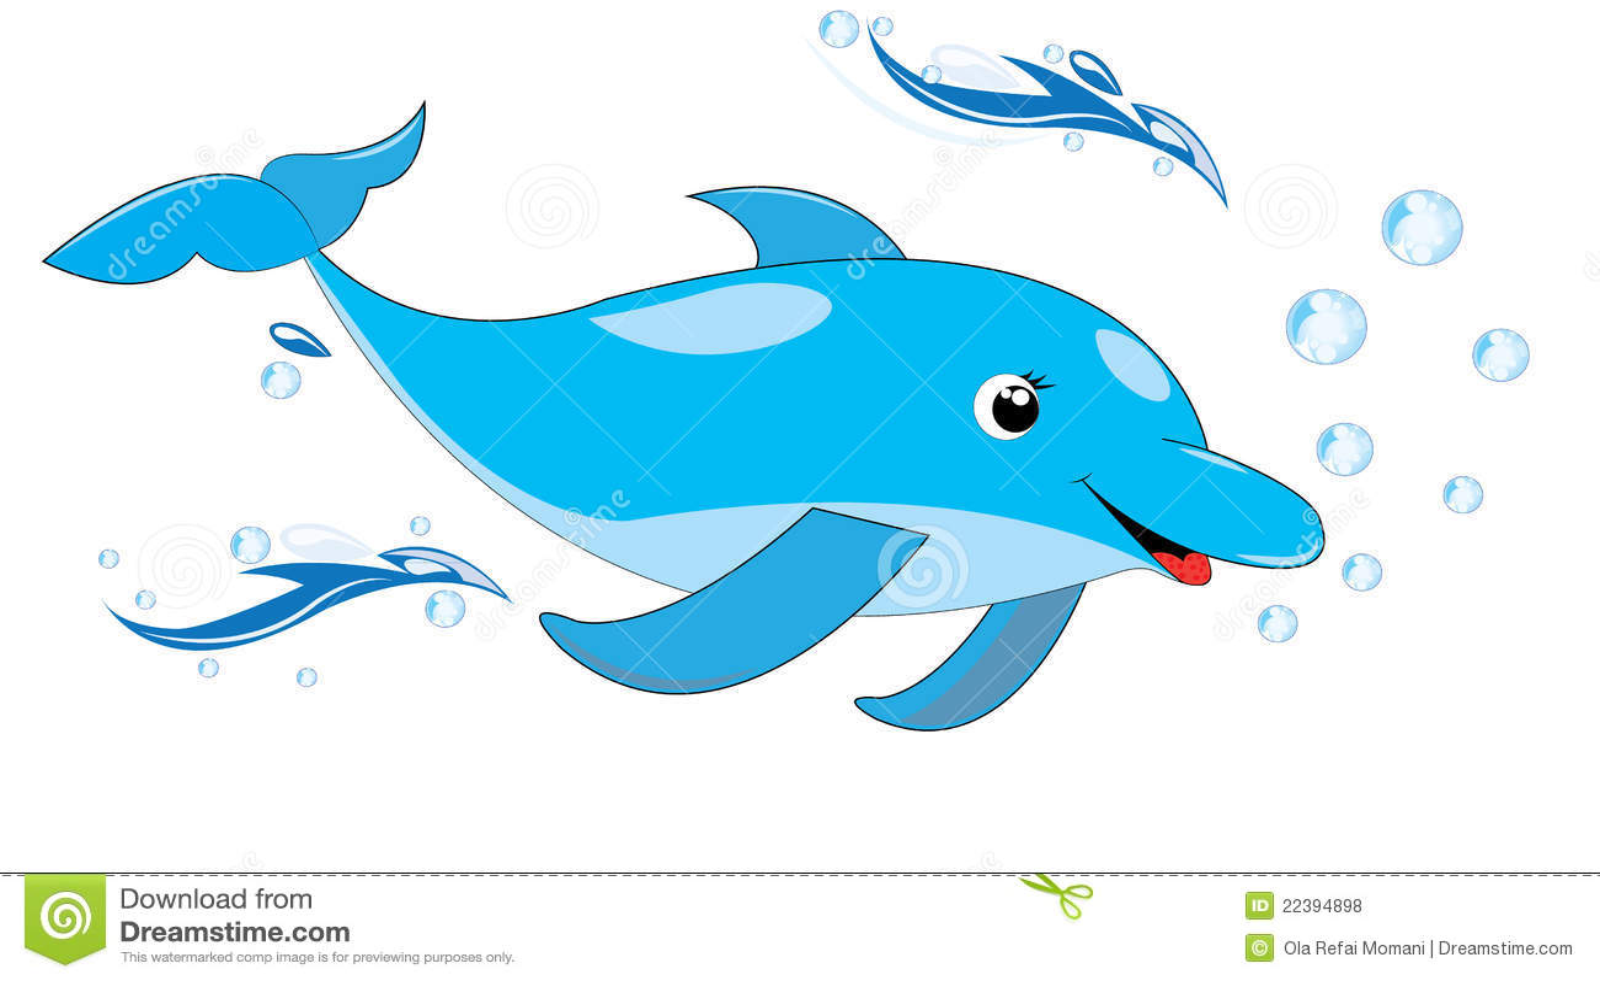 Happy Dolphin Royalty Free Stock Photos - Image: 22394898